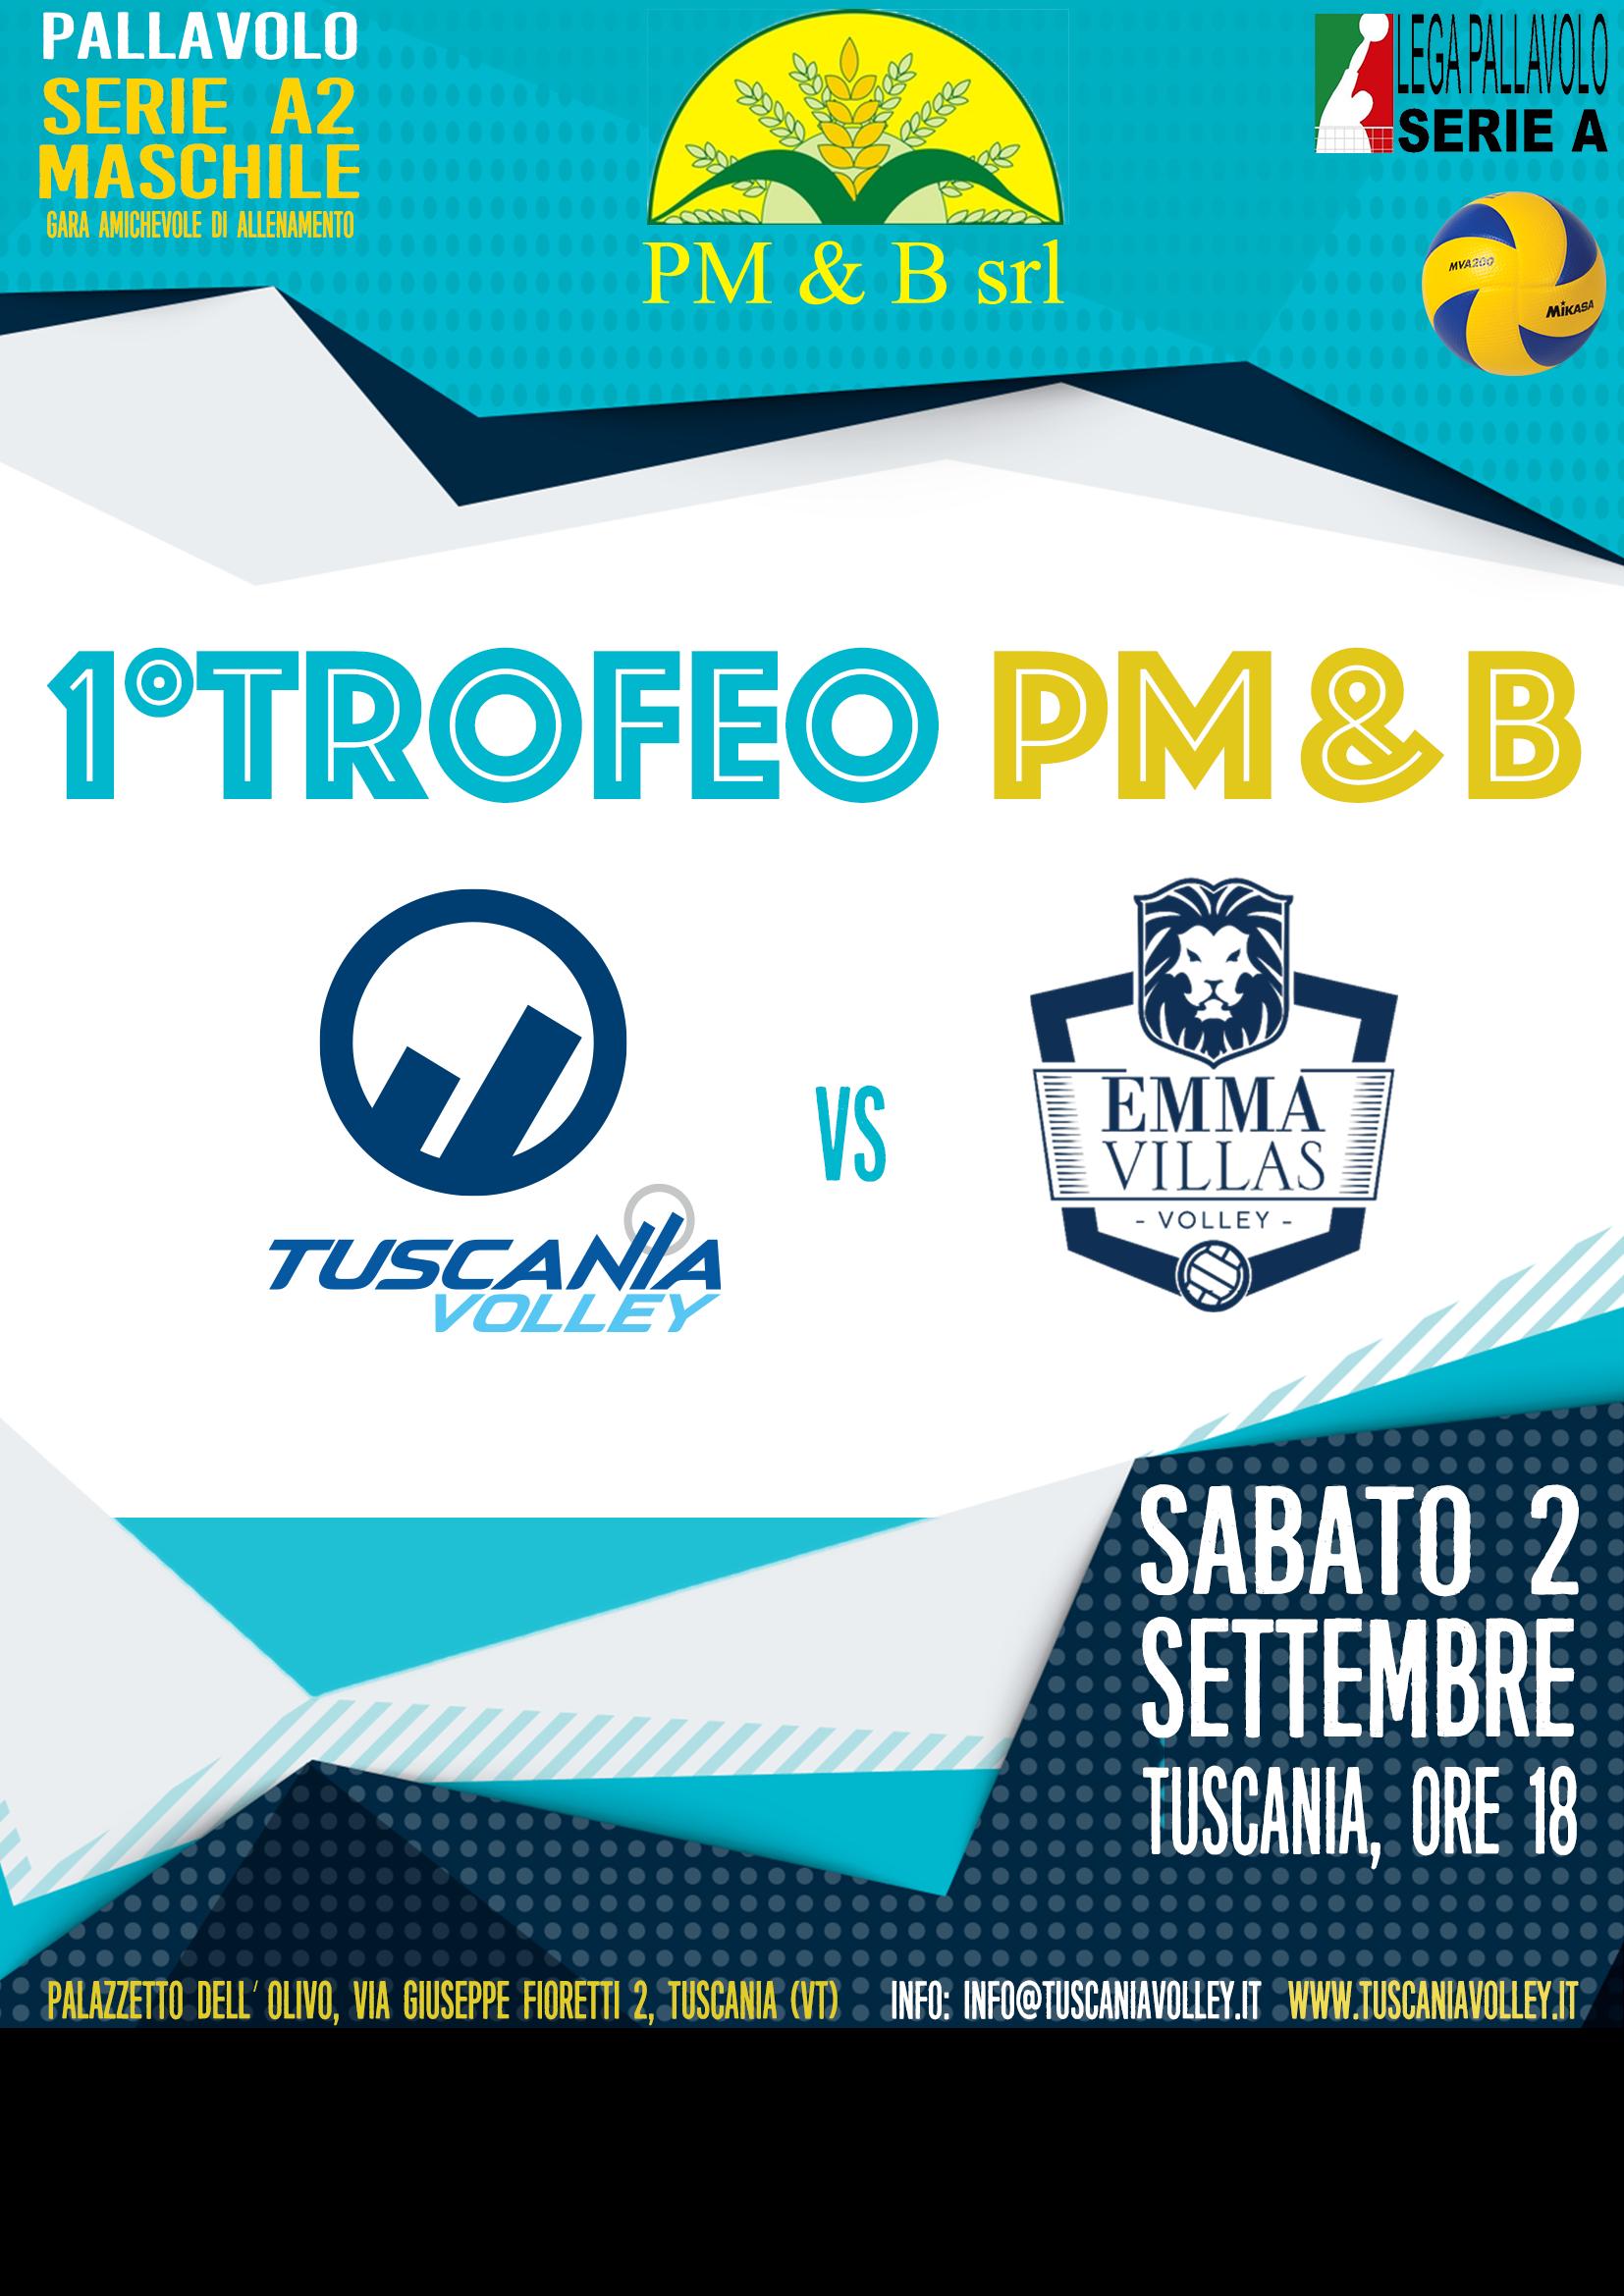 Serie A2 Pallavolo Maschile Calendario.Tuscania Volley Il Calendario Delle Amichevoli